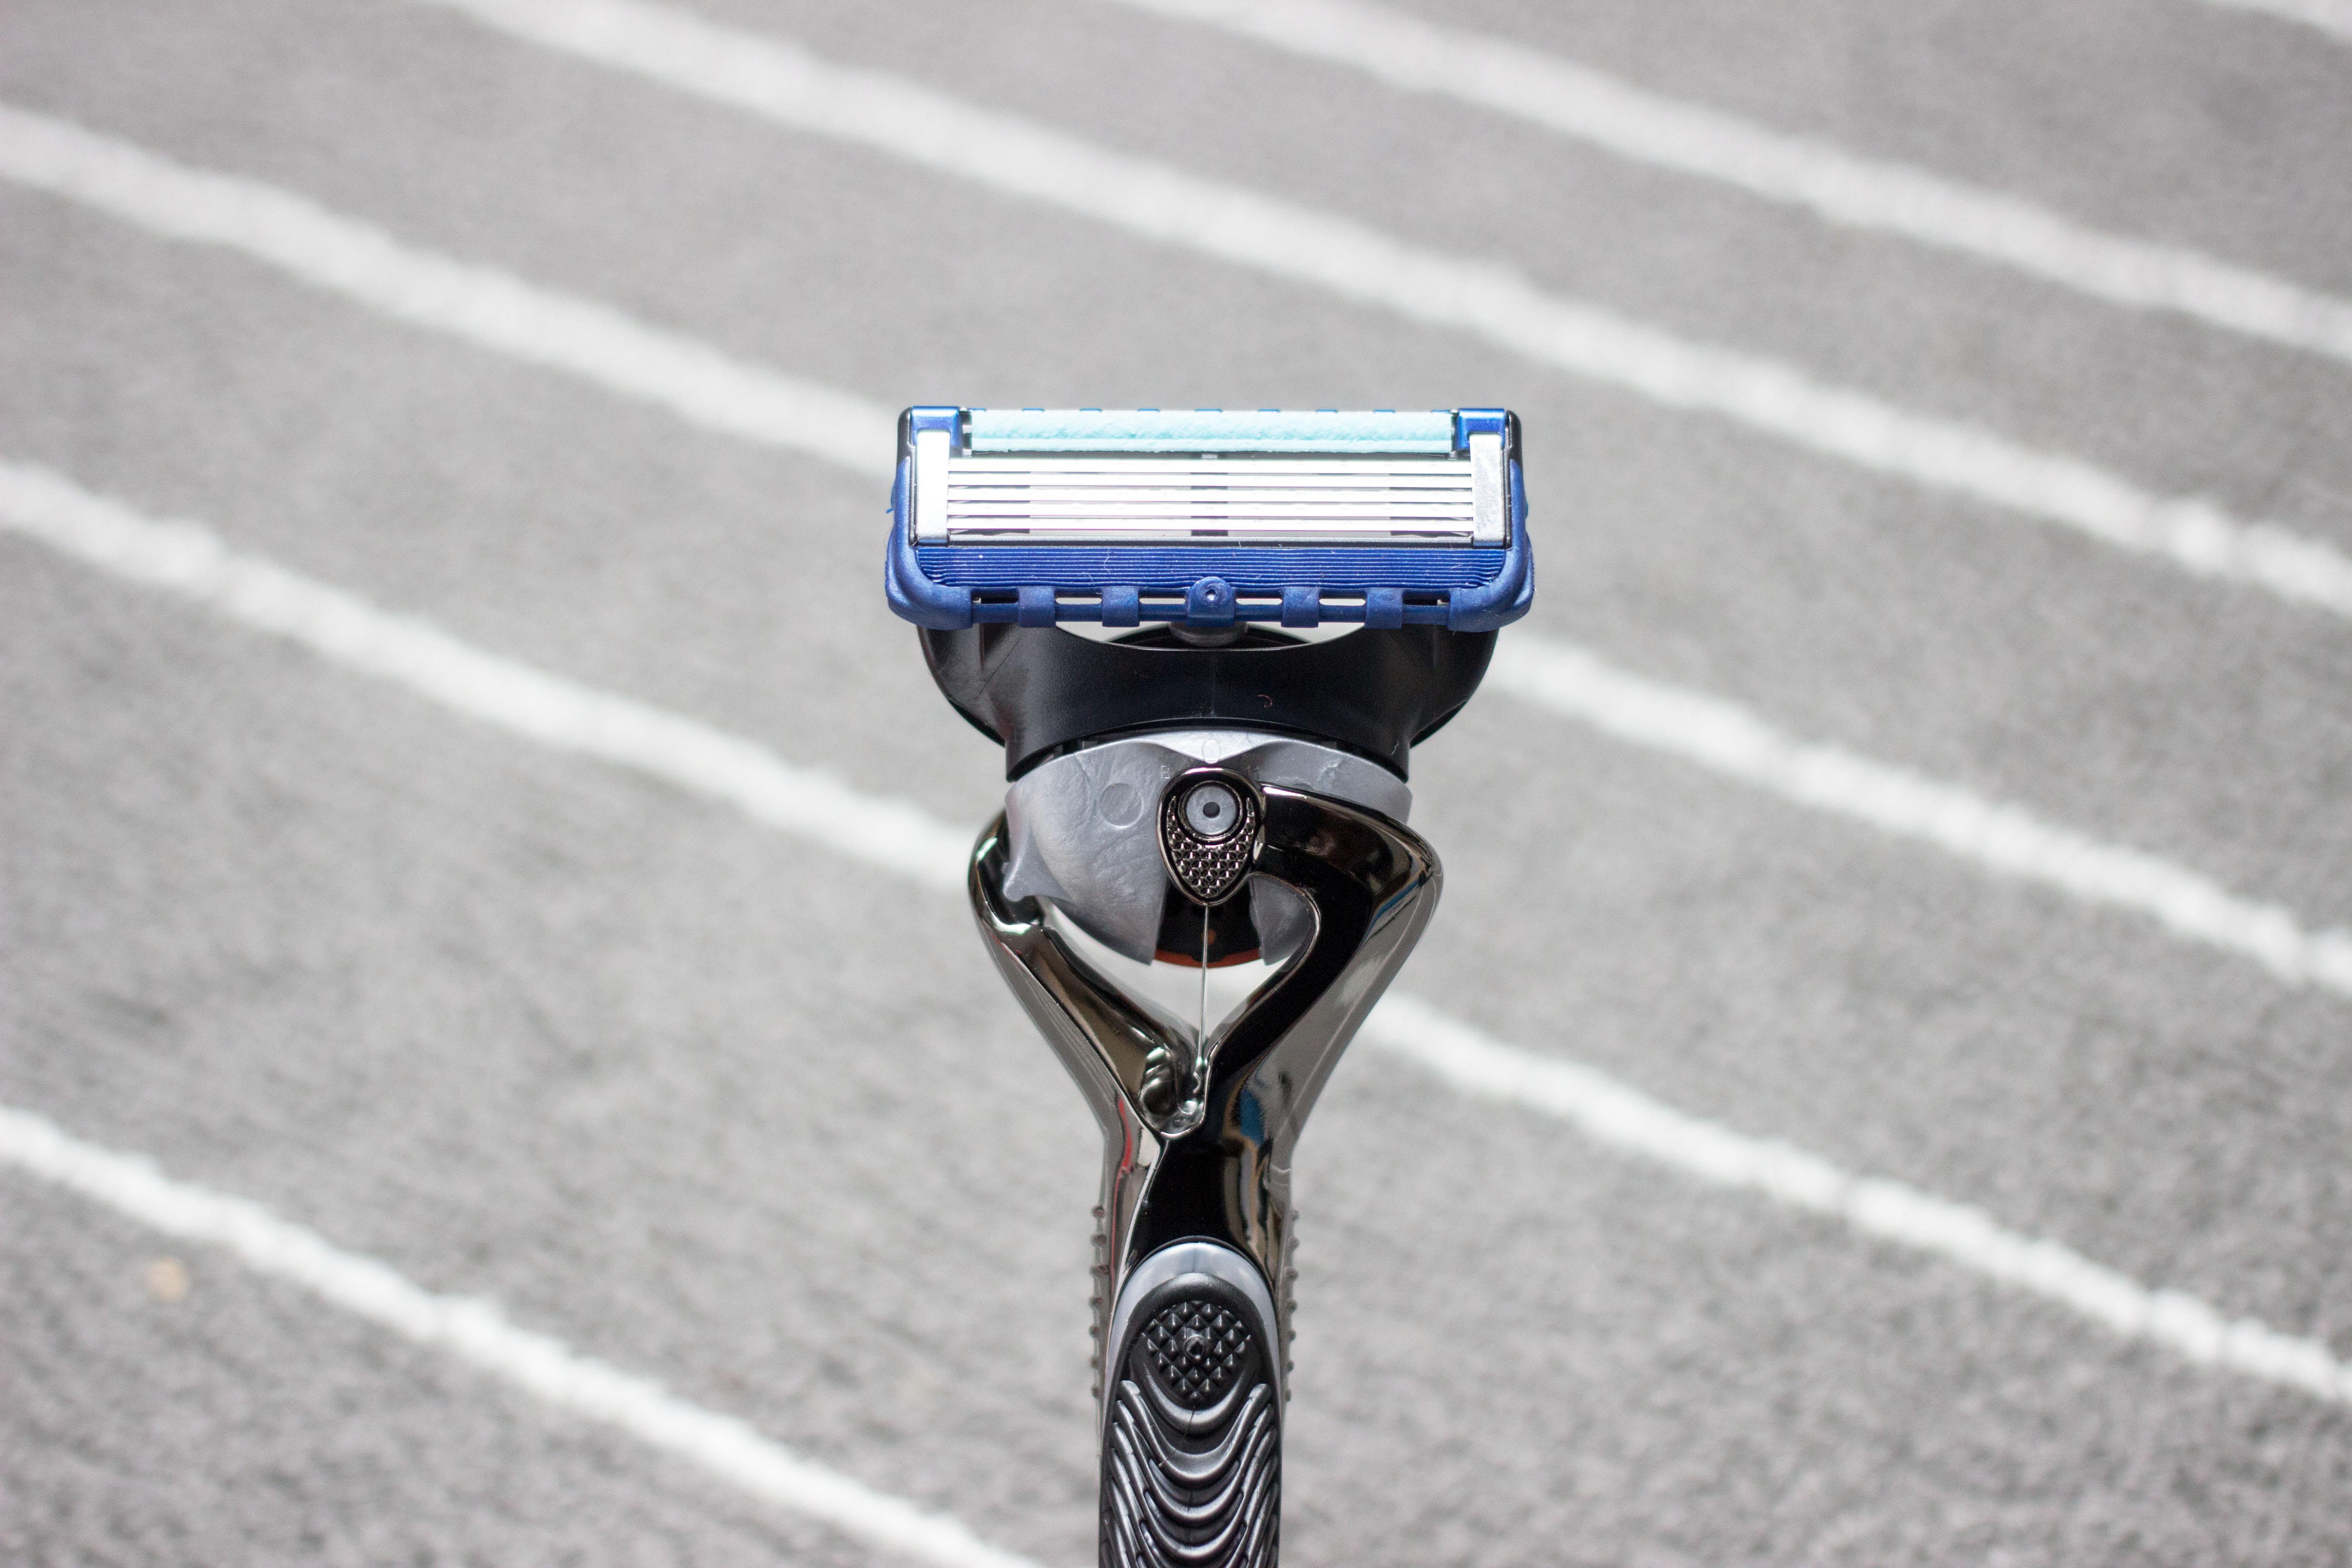 Gillette fusion proglide manual razor with flexball technology - Gillette Fusion Proglide With New Flexball Technology